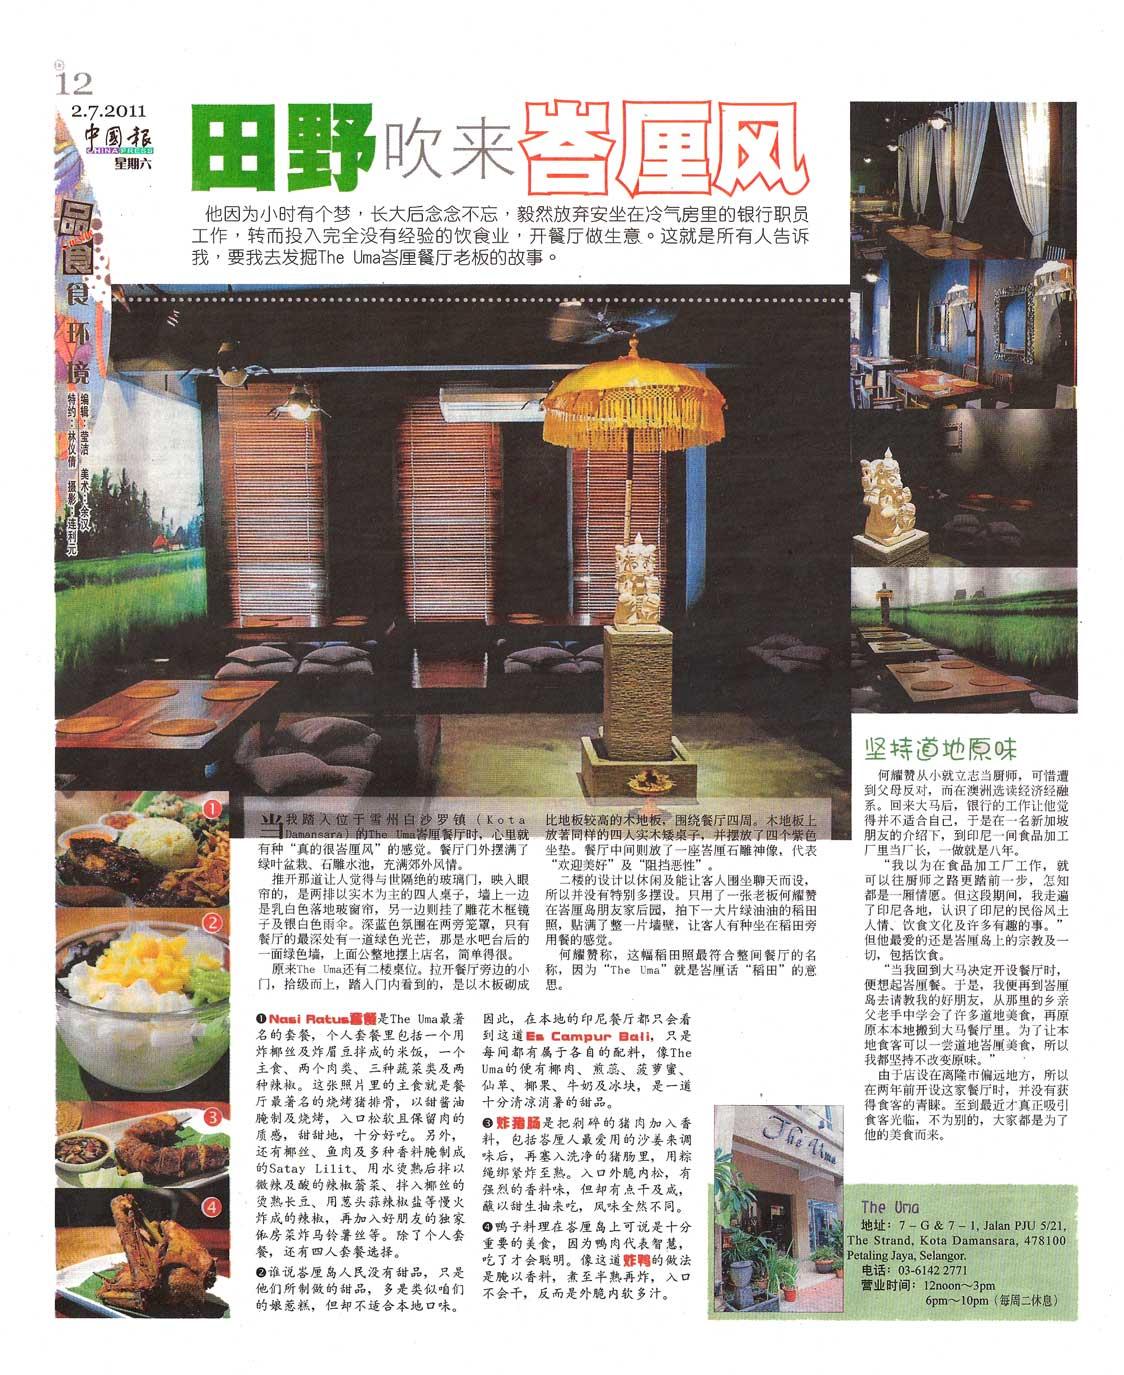 the uma bali restaurant newspaper review chinapress